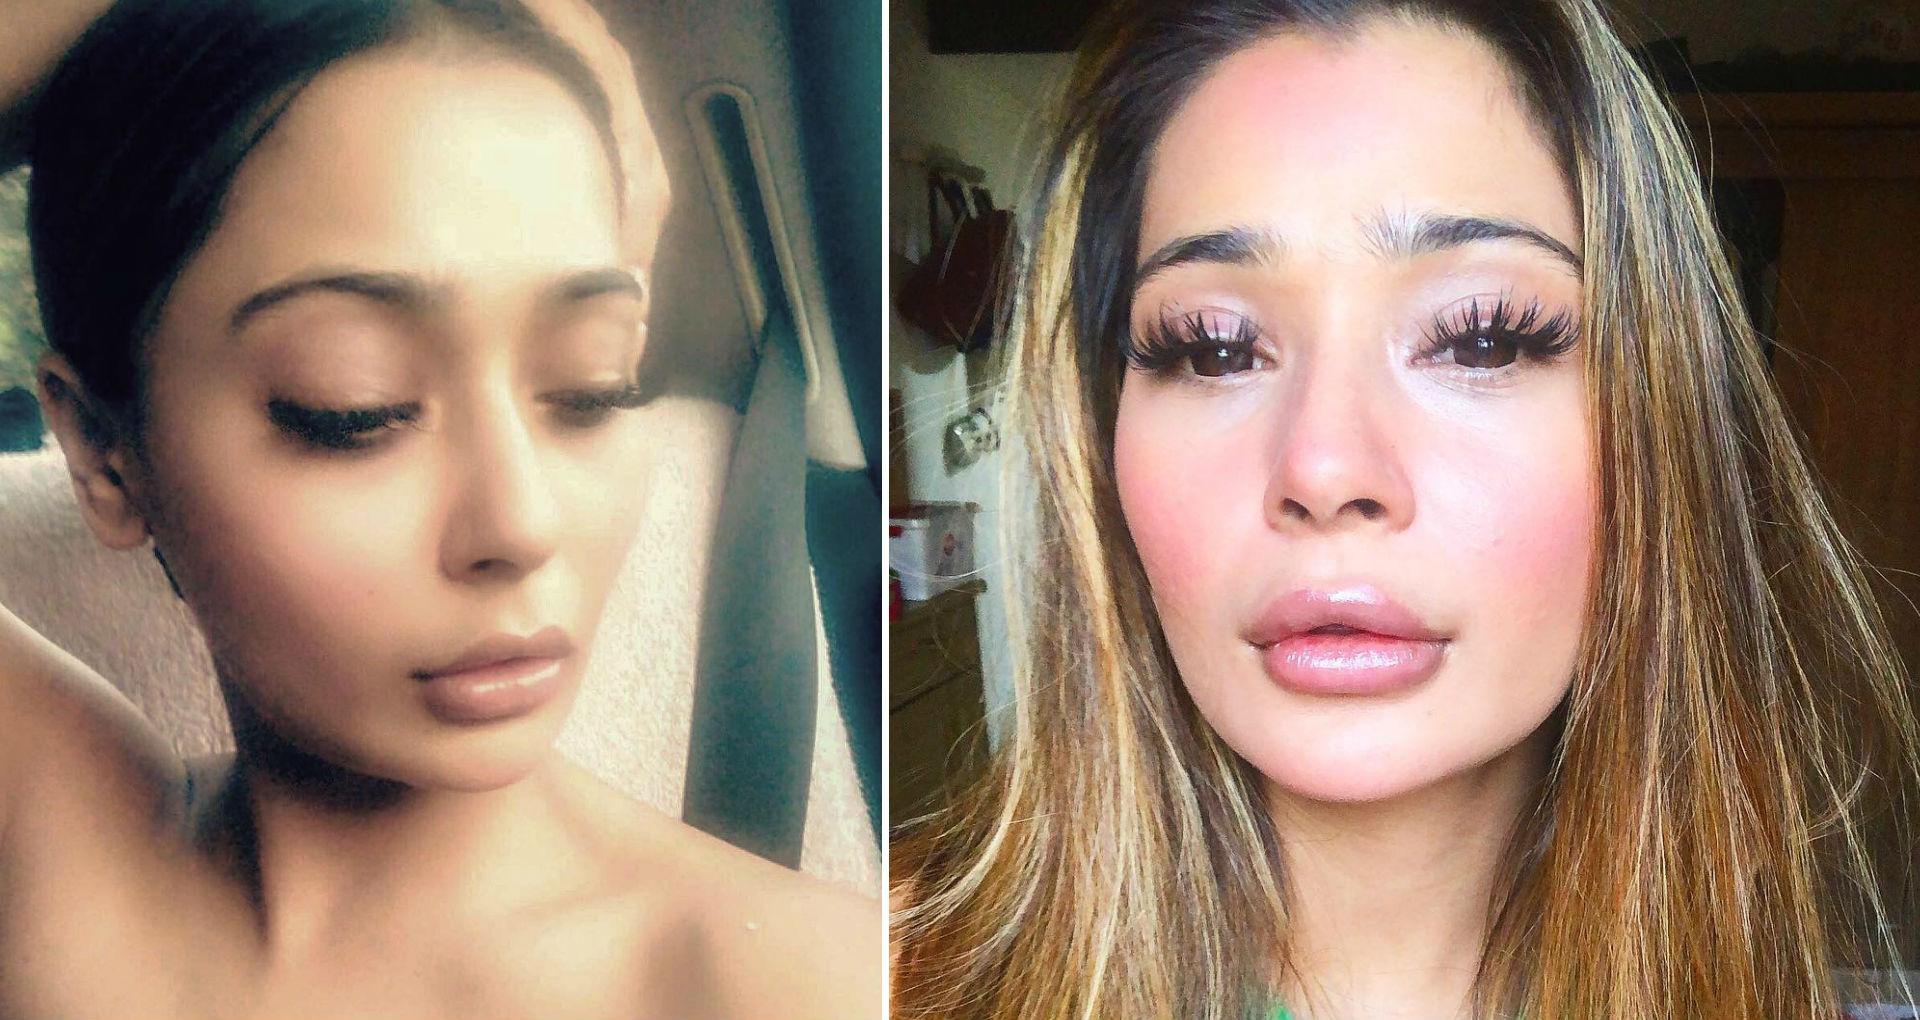 लिप सर्जरी कराने पर ट्रोल हुईं अभिनेत्री सारा खान, अब ऐसा दिख रहा है एक्ट्रेस का चेहरा